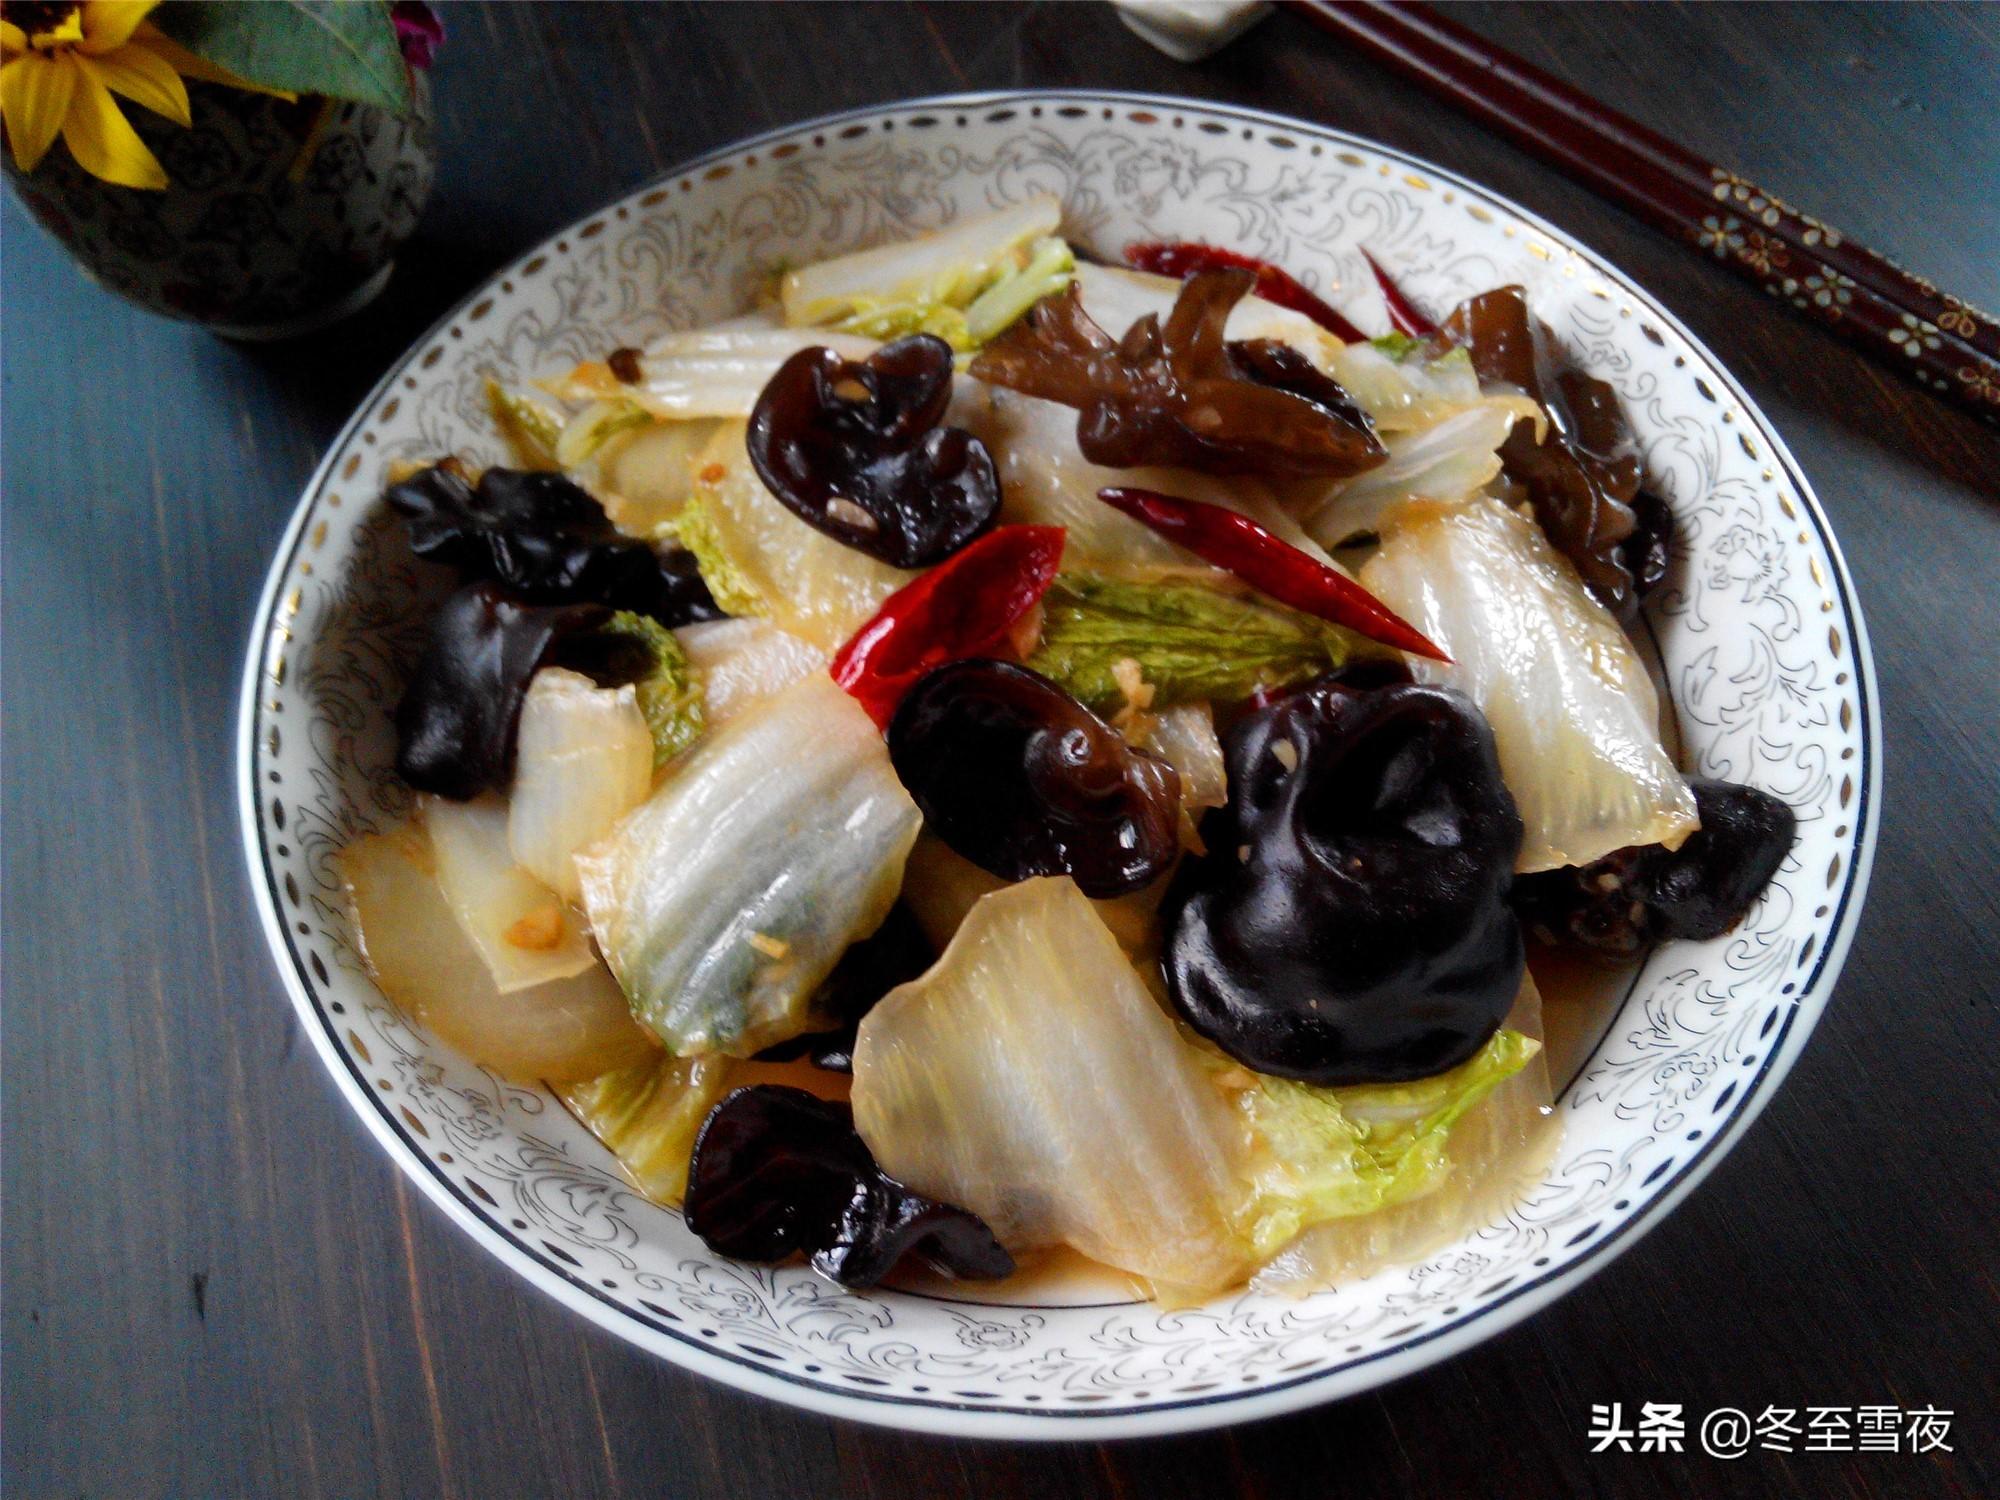 冬季,东北人最稀罕吃的14道家常菜,都是东北味儿,家常又好吃 东北菜谱 第5张